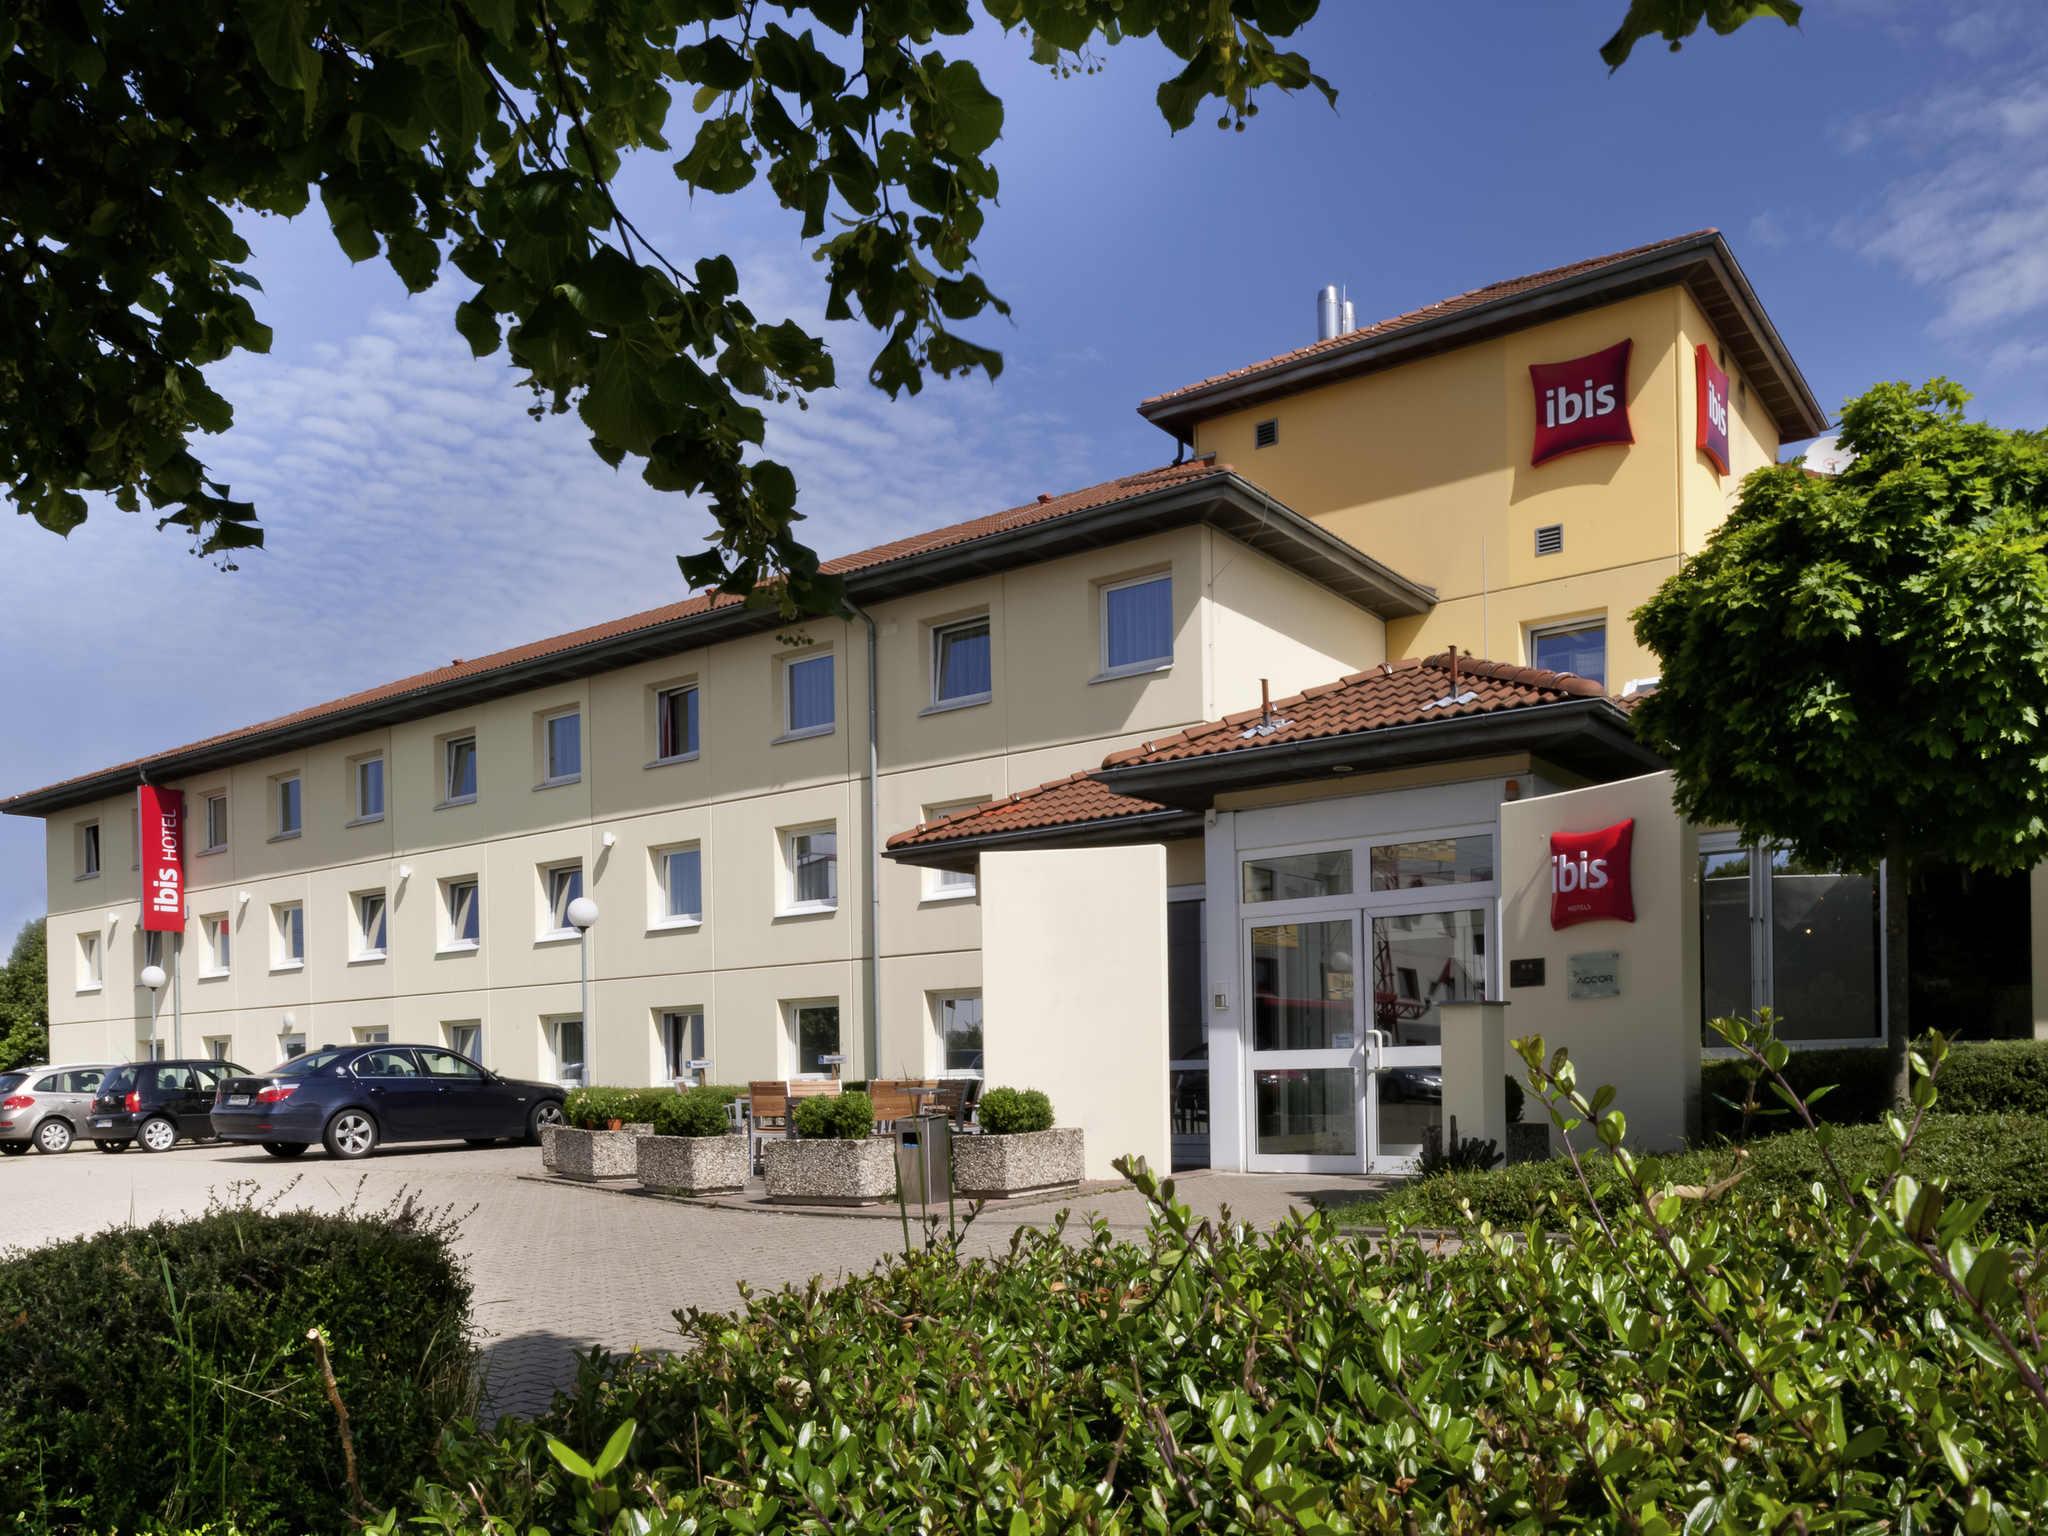 ホテル – イビスケルンフレッヒェン